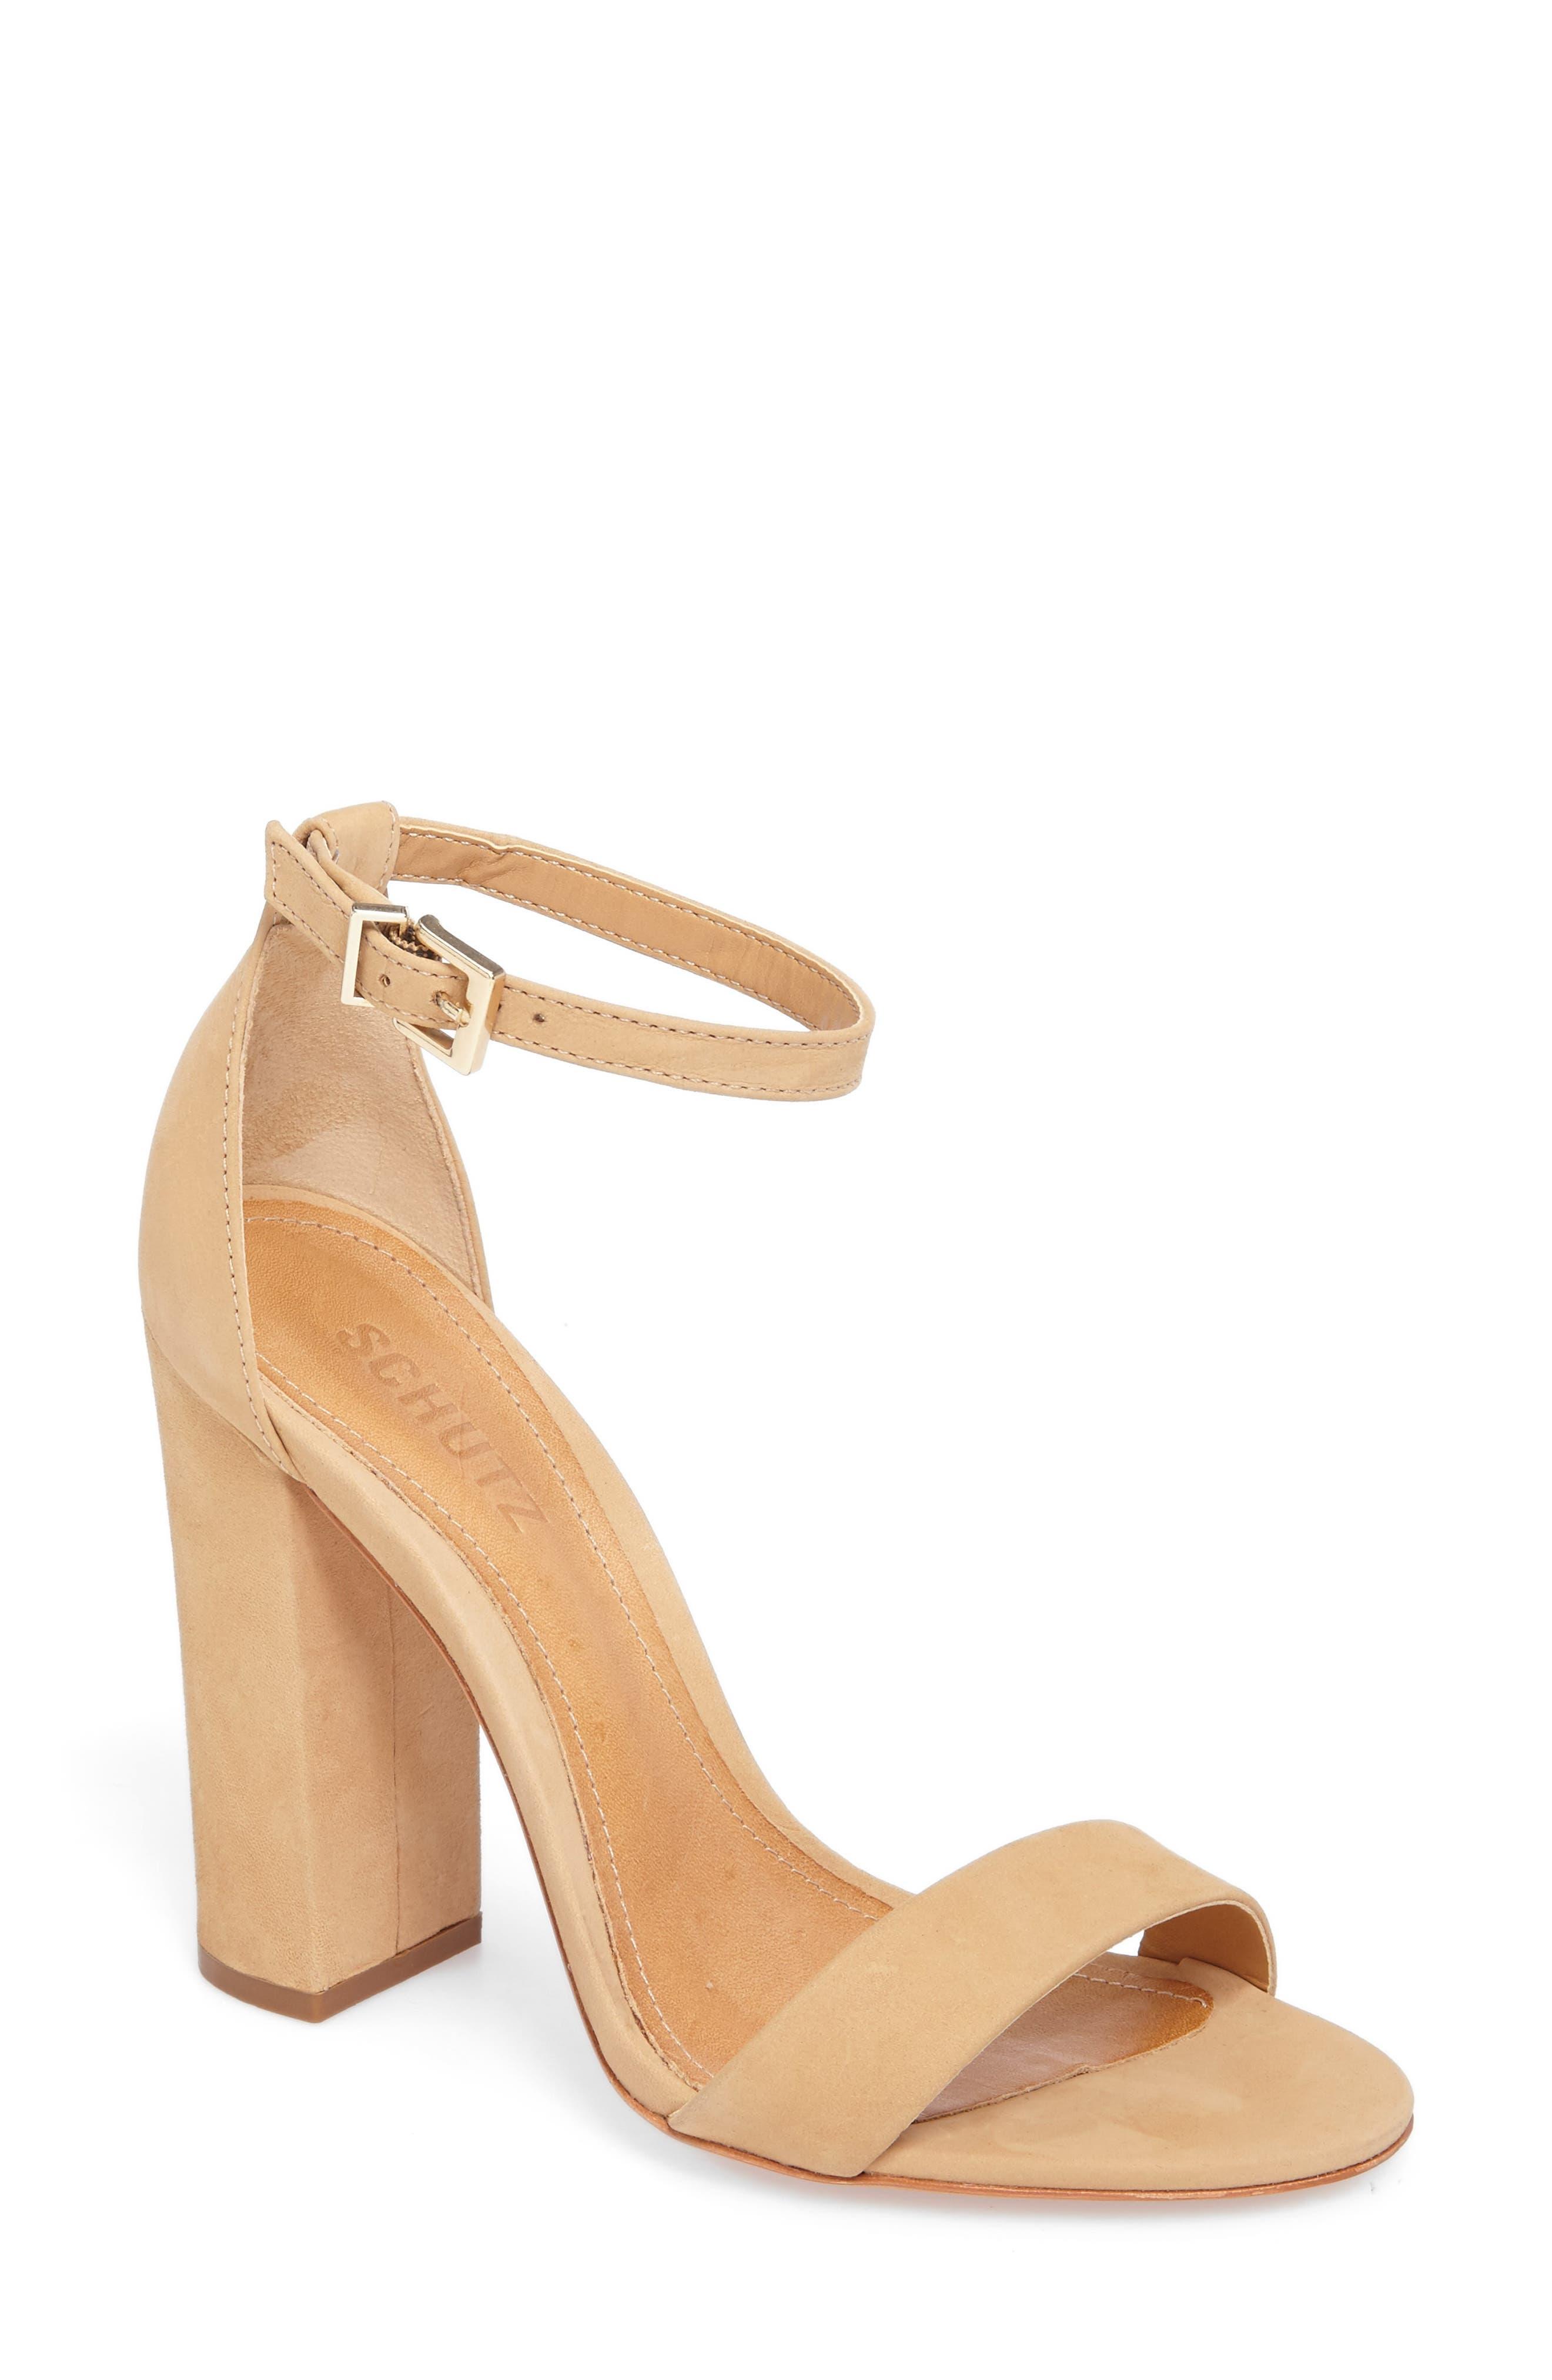 Schutz Sandals ENIDA STRAPPY SANDAL